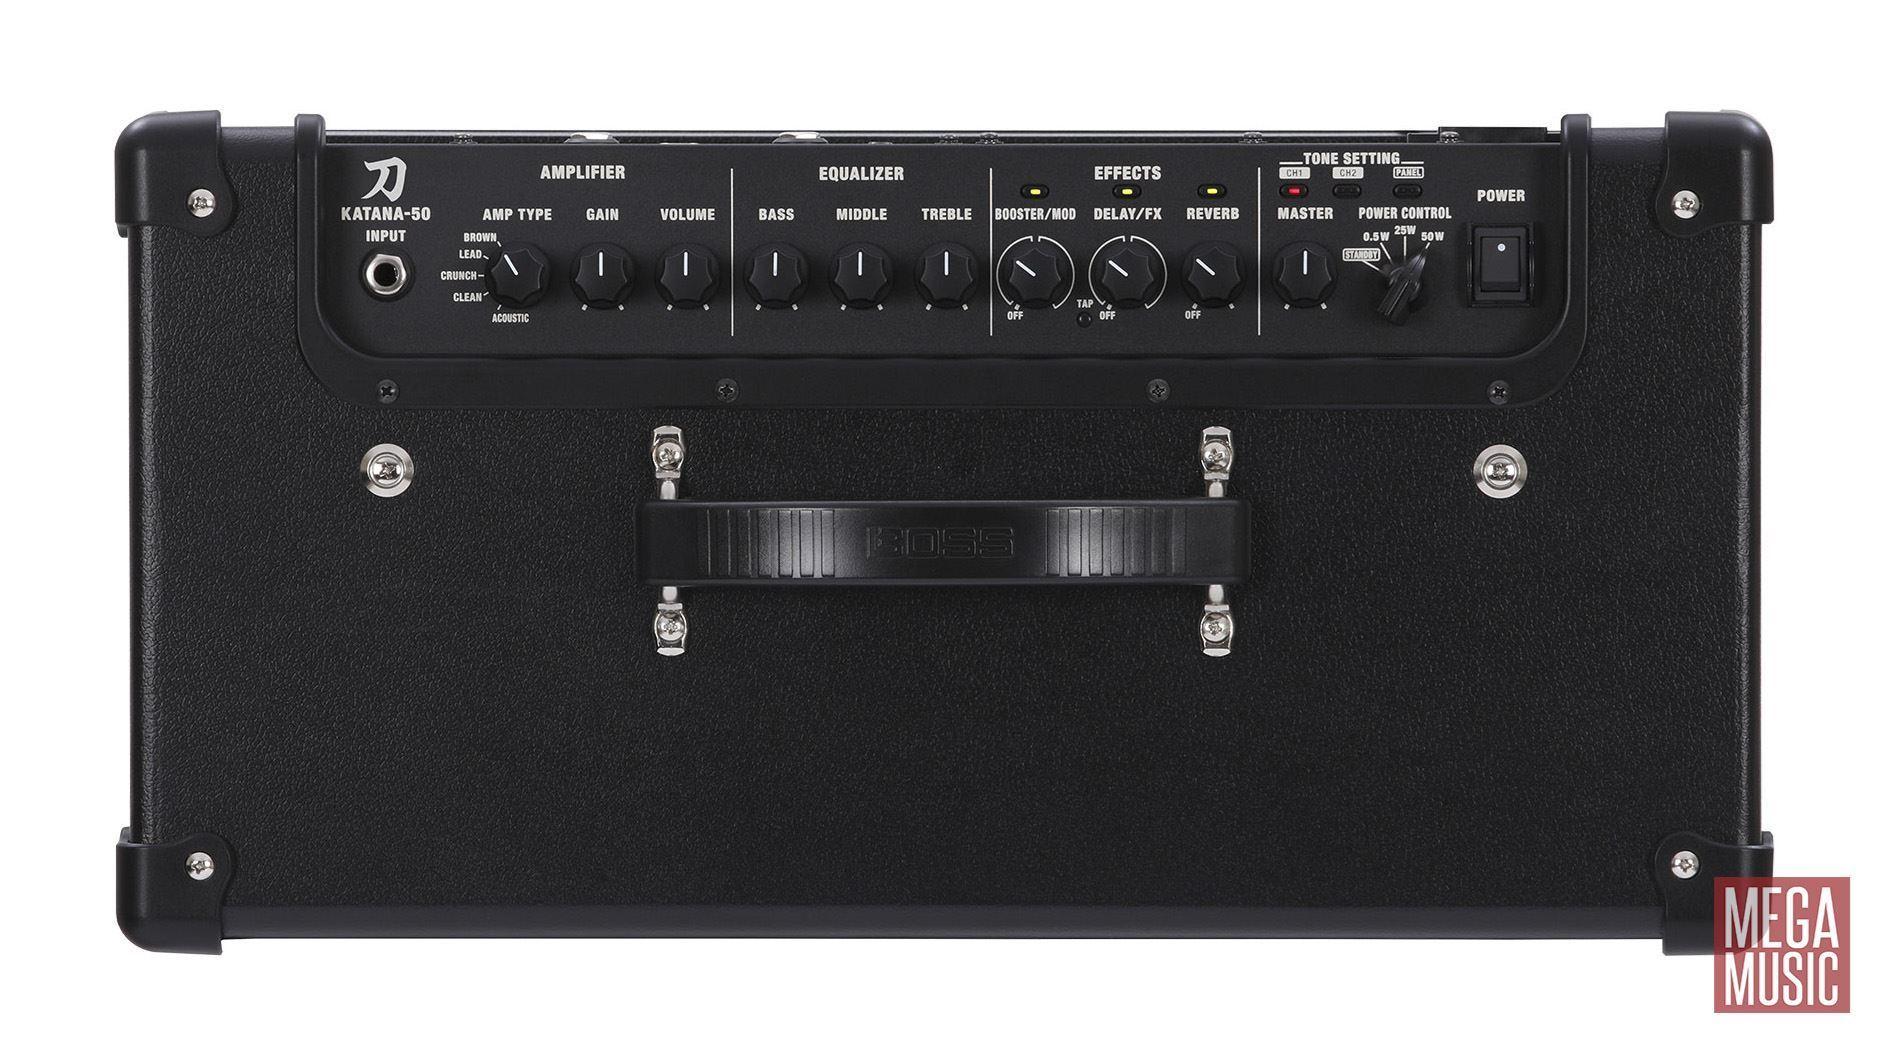 Boss Katana-50 Guitar Amplifier Combo - Top